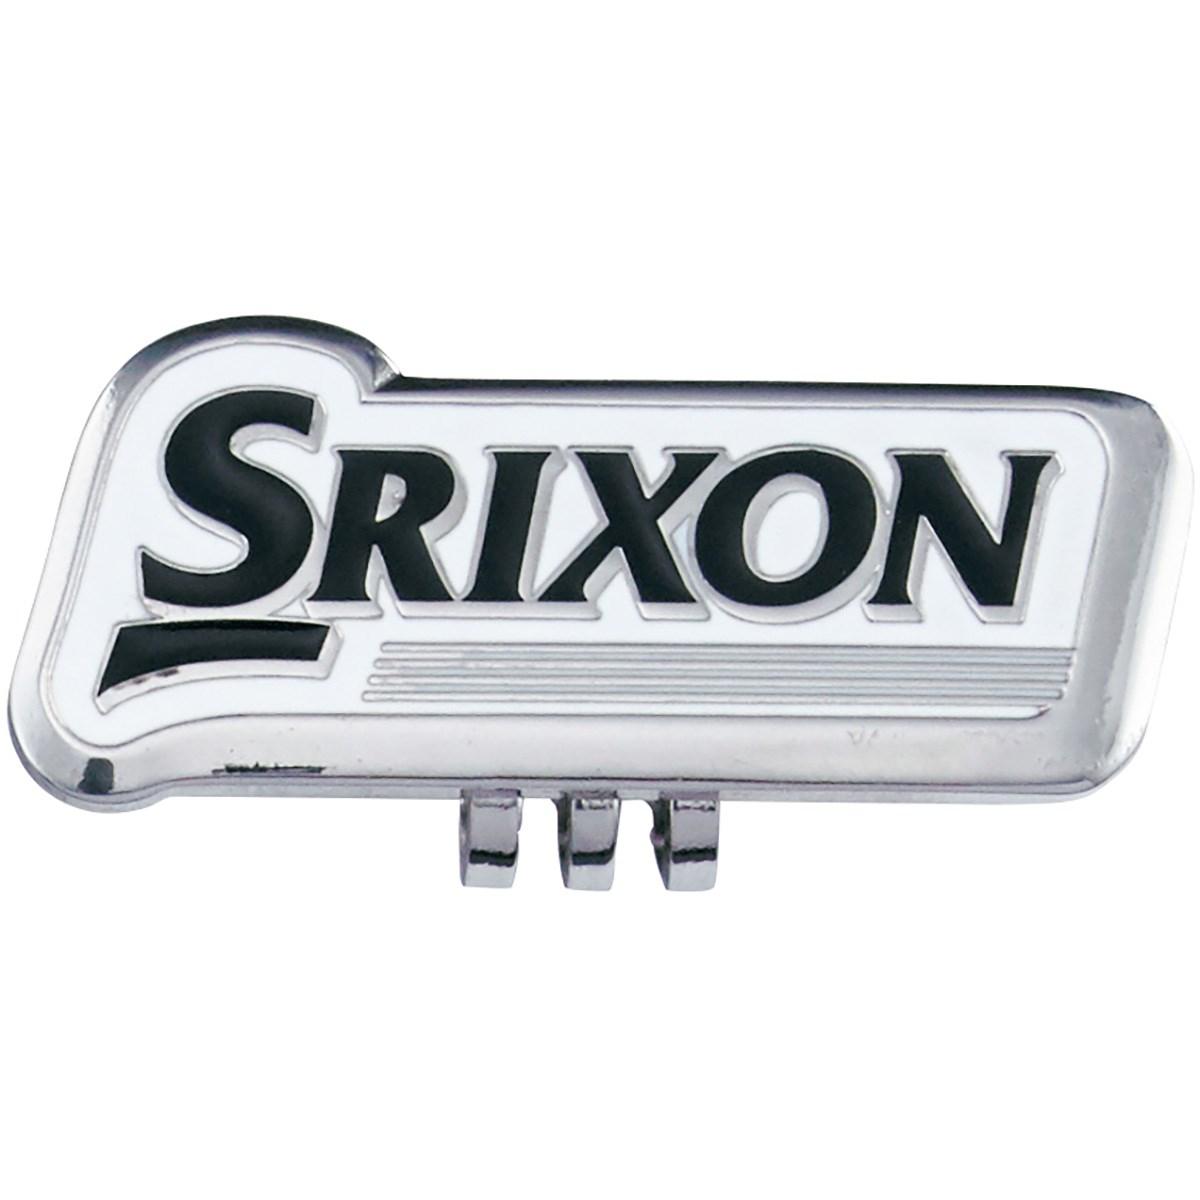 ダンロップ SRIXON クリップ&マーカー ホワイト